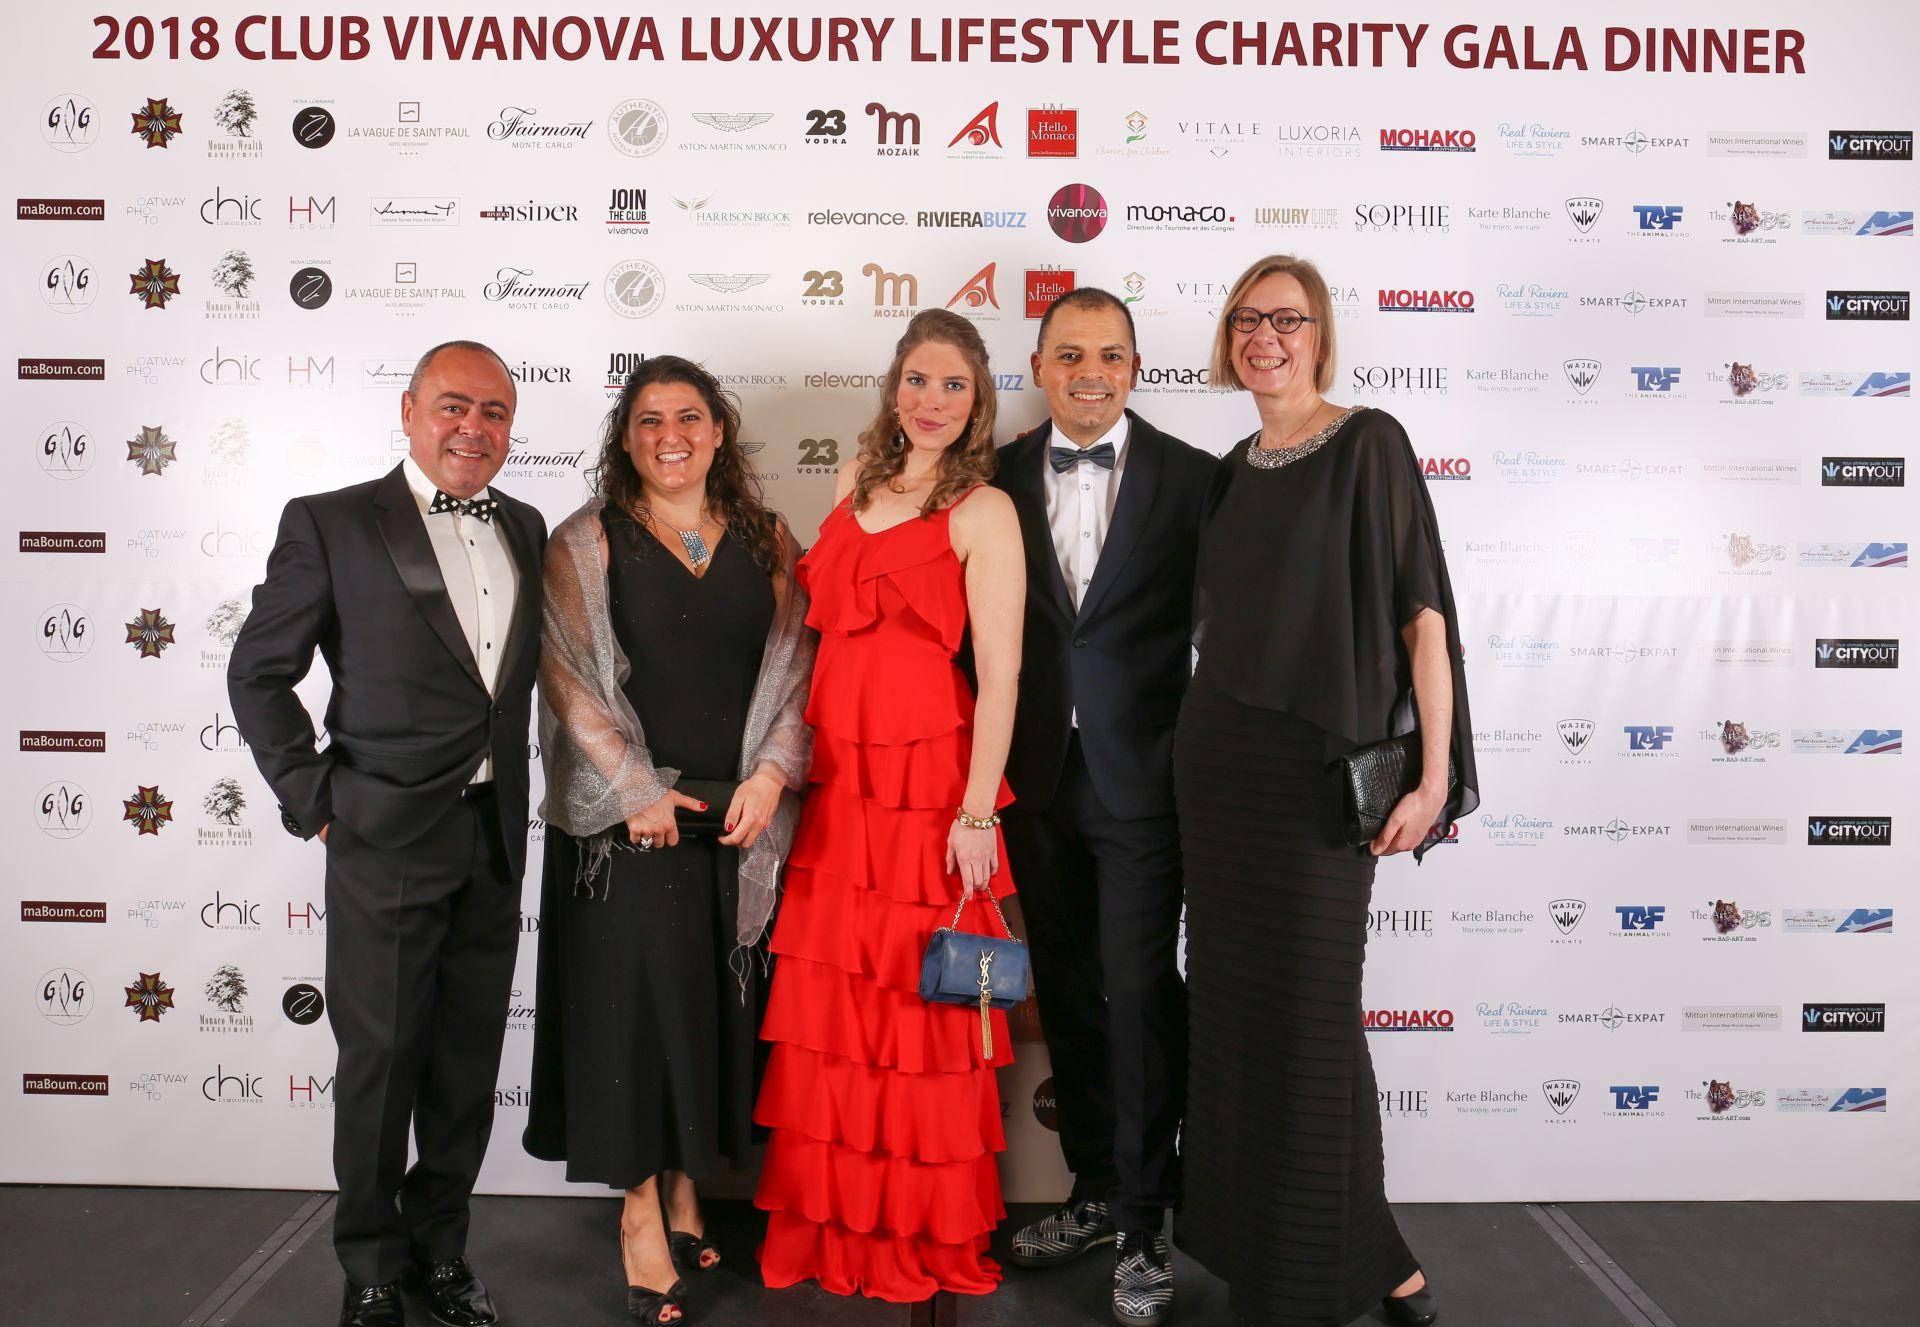 clubvianova-gala-2018_W5.jpg